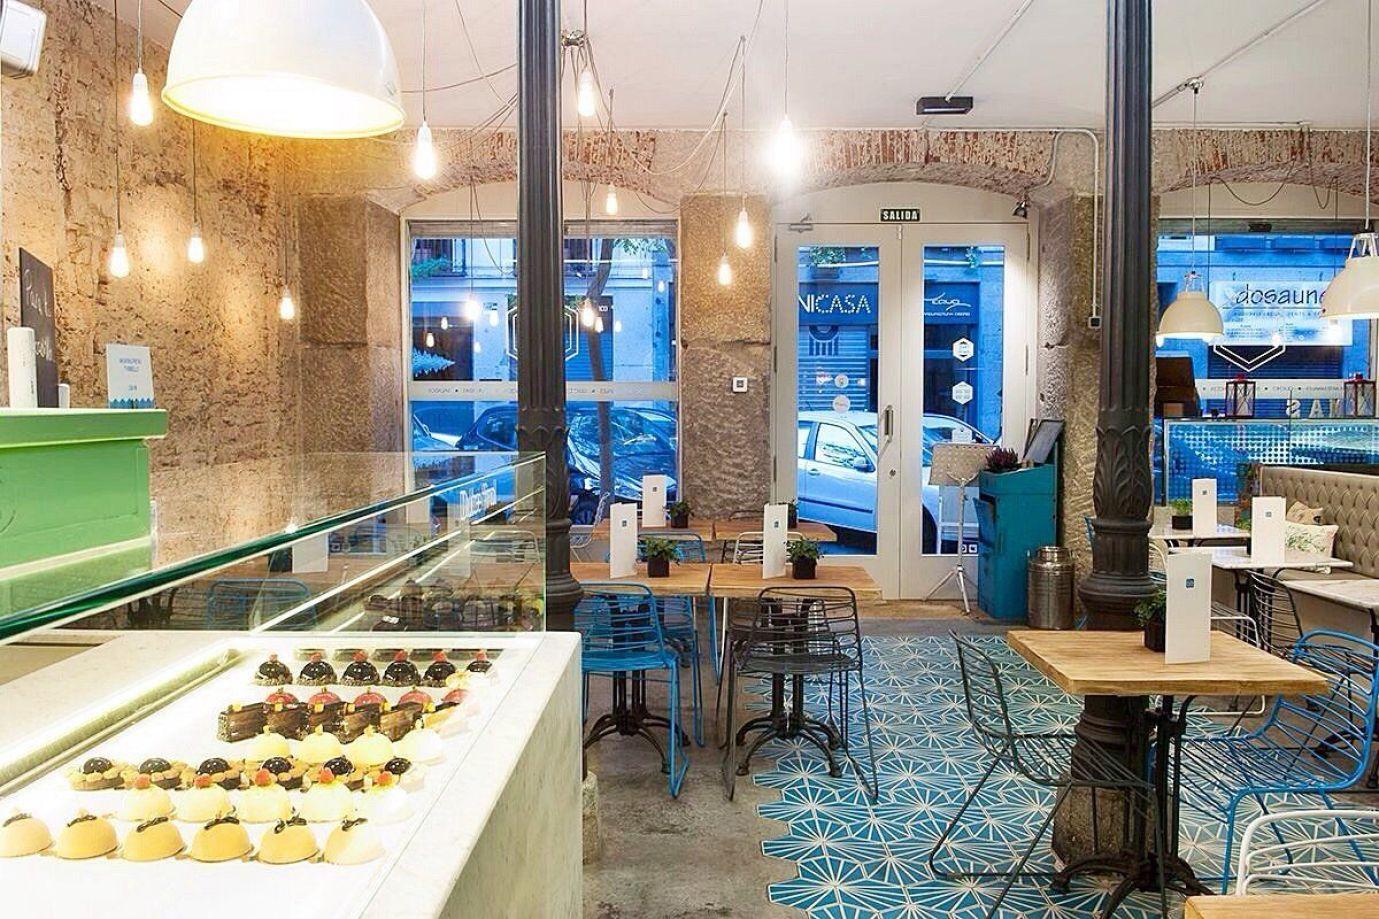 Pastelería cafetería y obrador Fonty en Madrid de estilo industrial nórdico